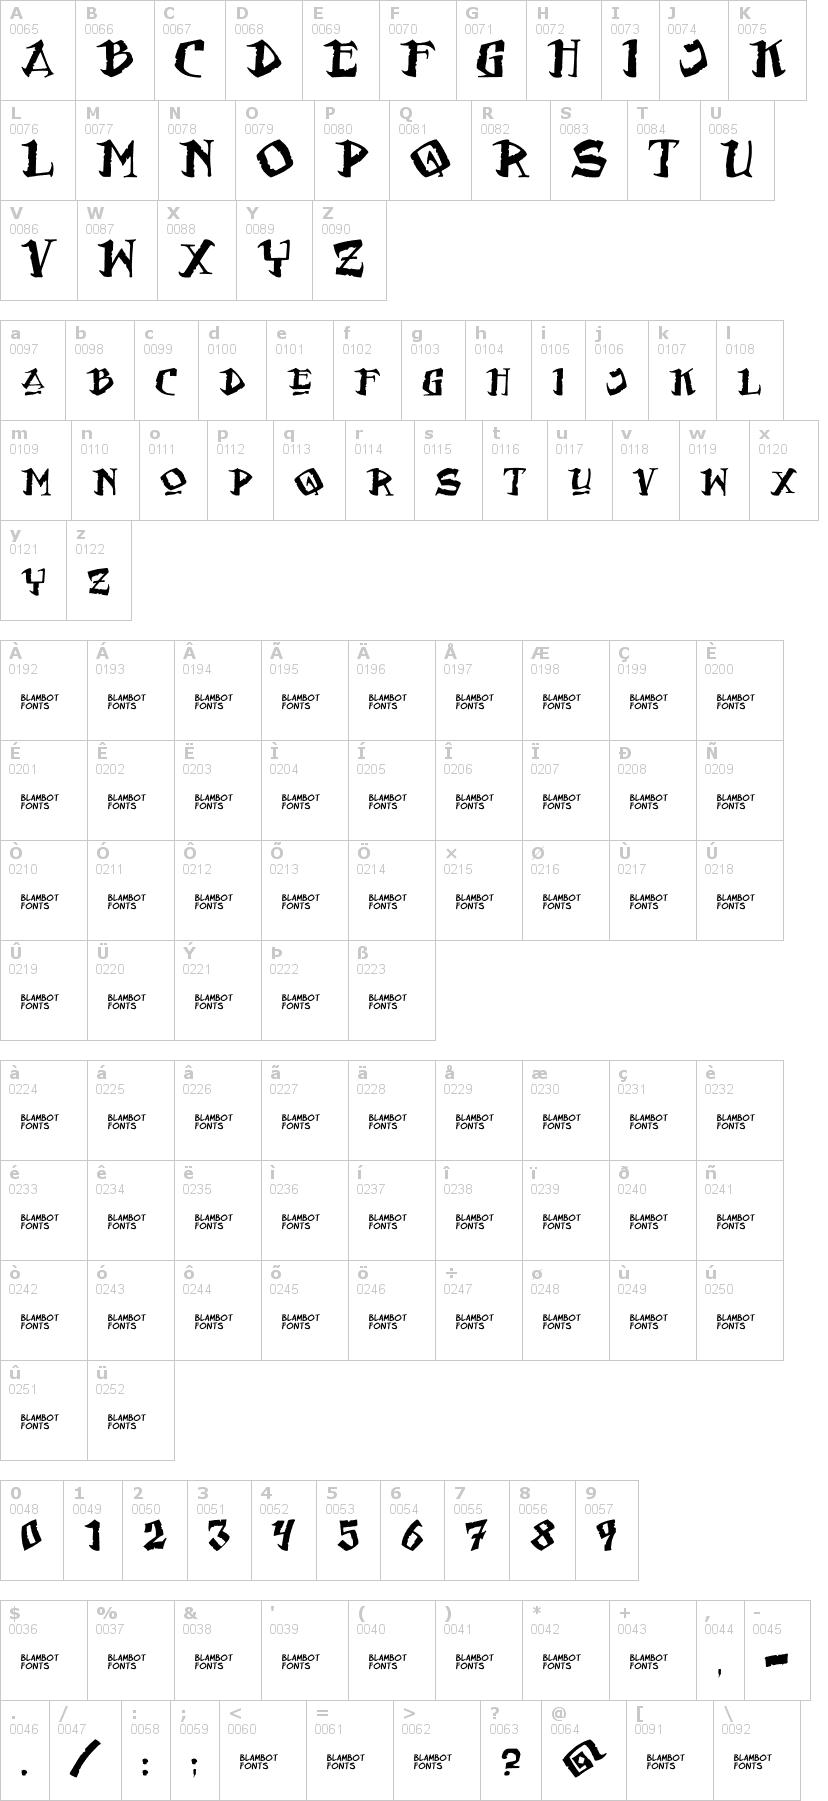 Lettere dell'alfabeto del font flat-earth-scribe con le quali è possibile realizzare adesivi prespaziati